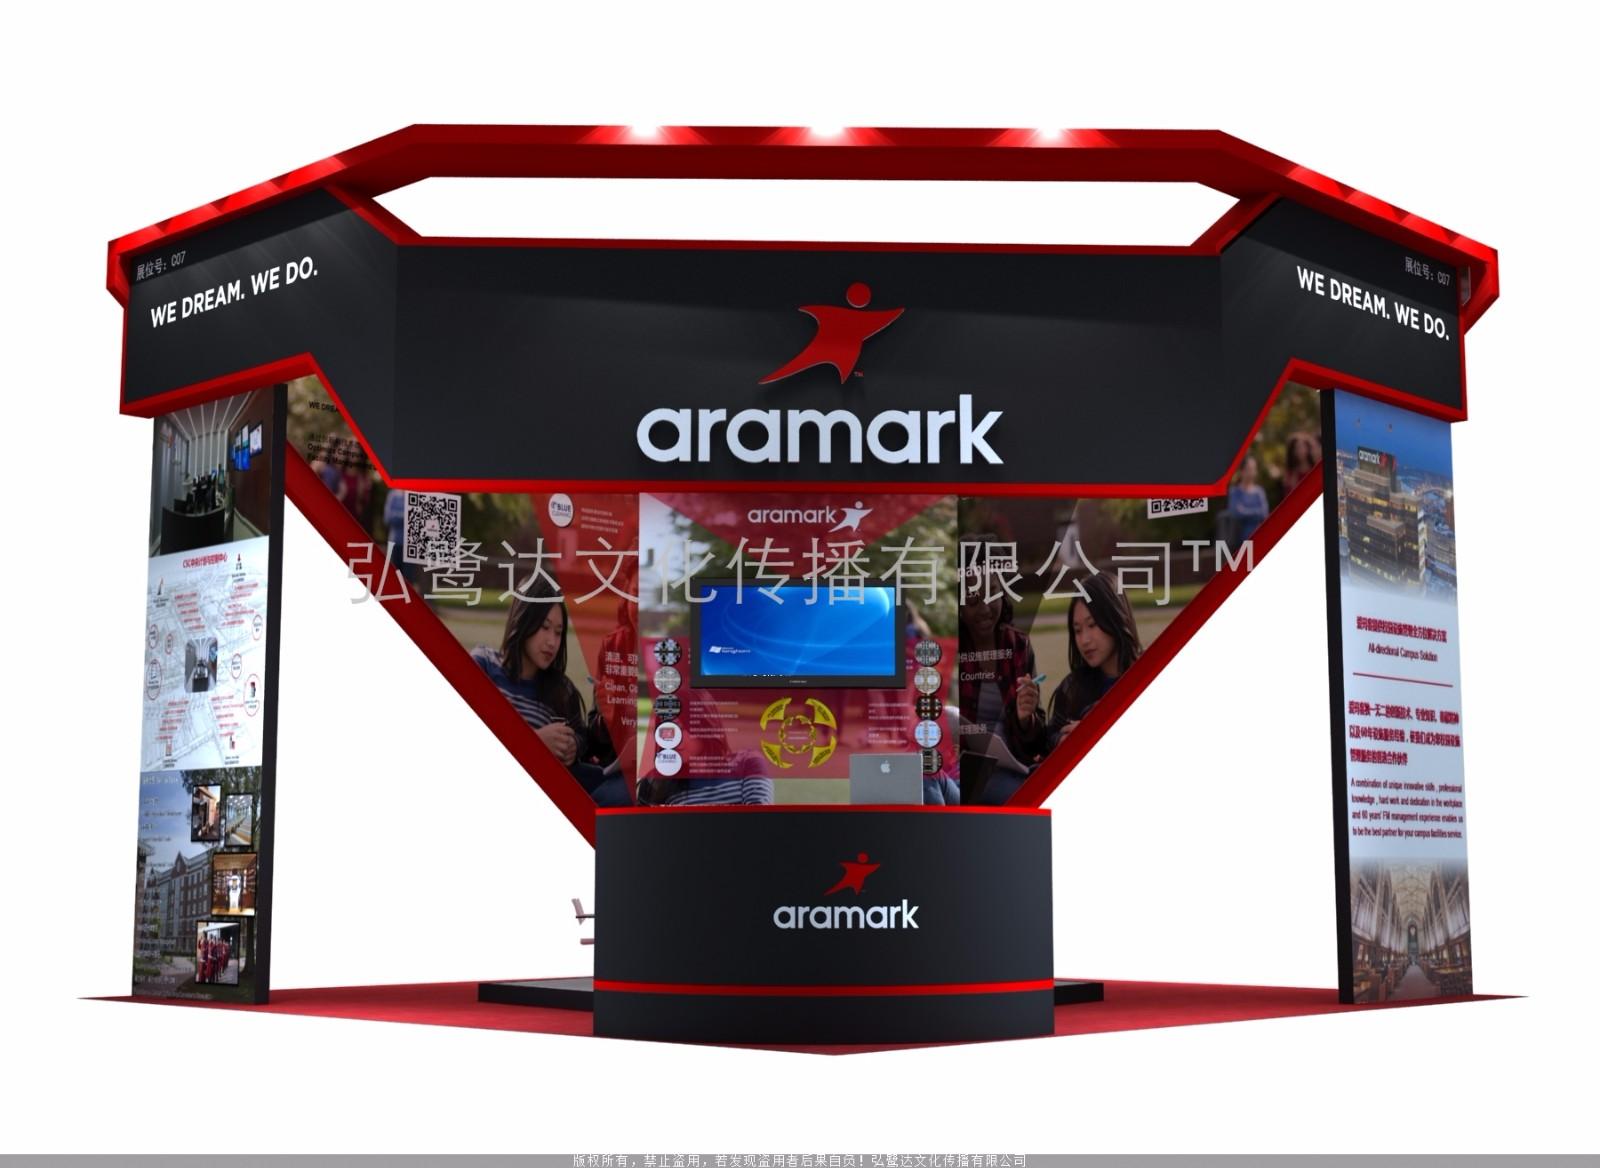 爱玛客(中国)参加2017设施设备展示交流会|展台设计搭建-厦门弘鹭达文化传播有限公司